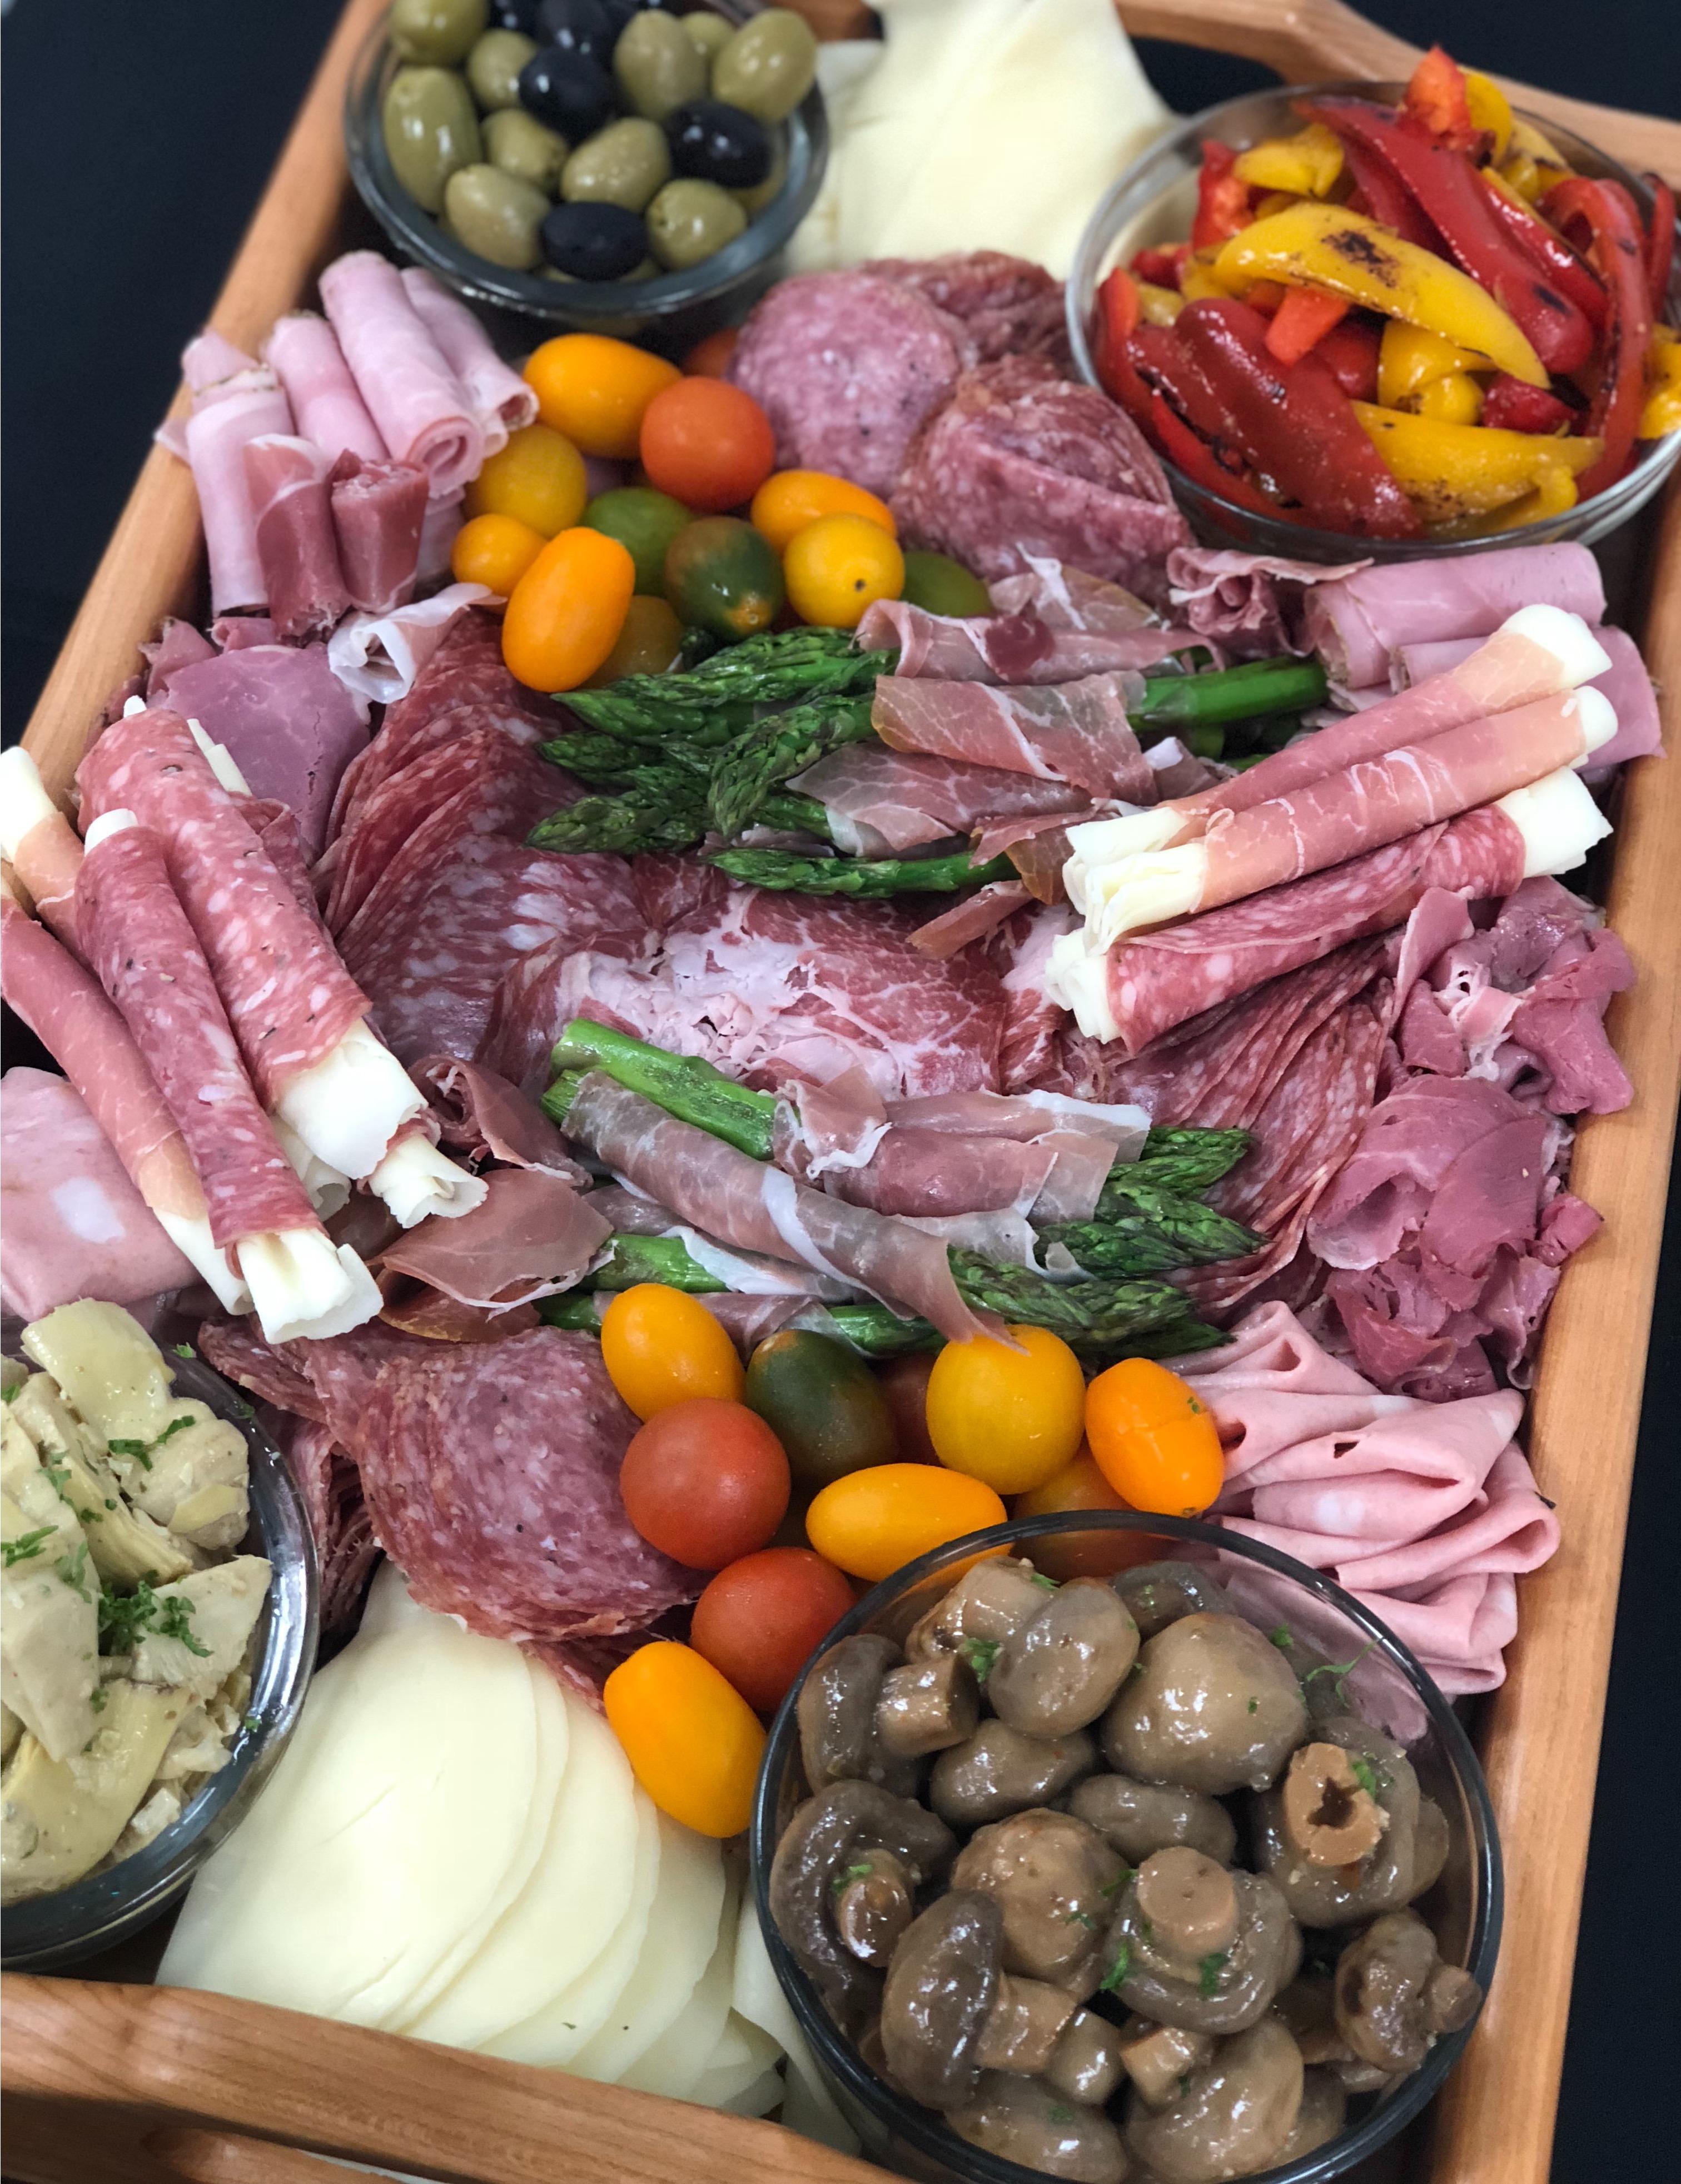 Bekker's Catering image 5